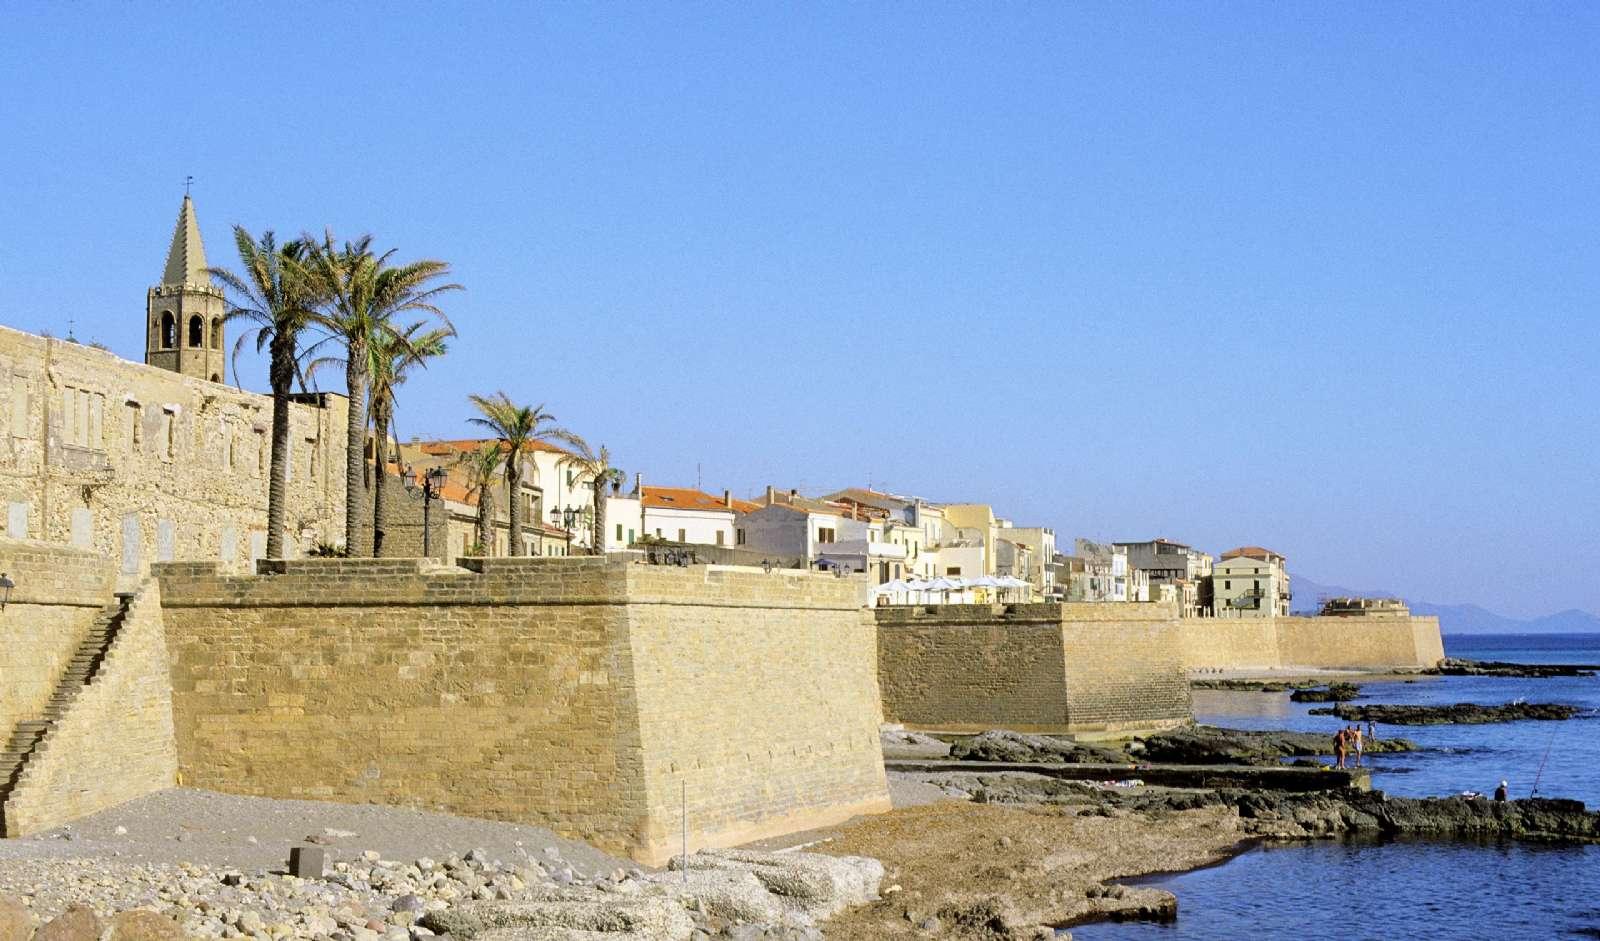 Algheros ursprüngliche Burgmauer aus dem Mittelalter und die Kathedrale Santa Maria mit gotischen Glickenturm